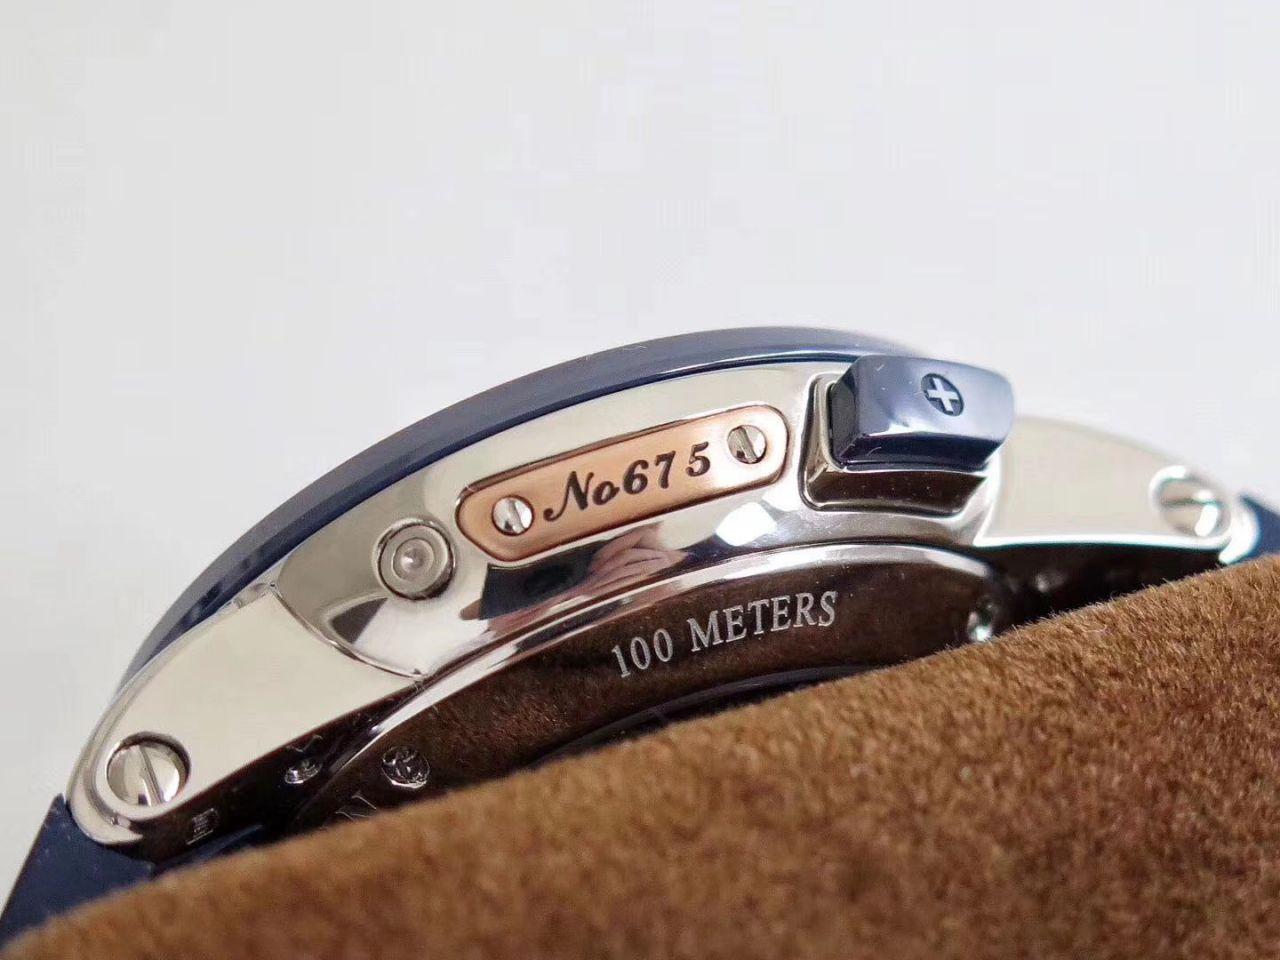 【视频评测TWA工厂Ulysse Nardin复刻表】雅典表复杂功能系列320-00/BQ腕表 / YD016